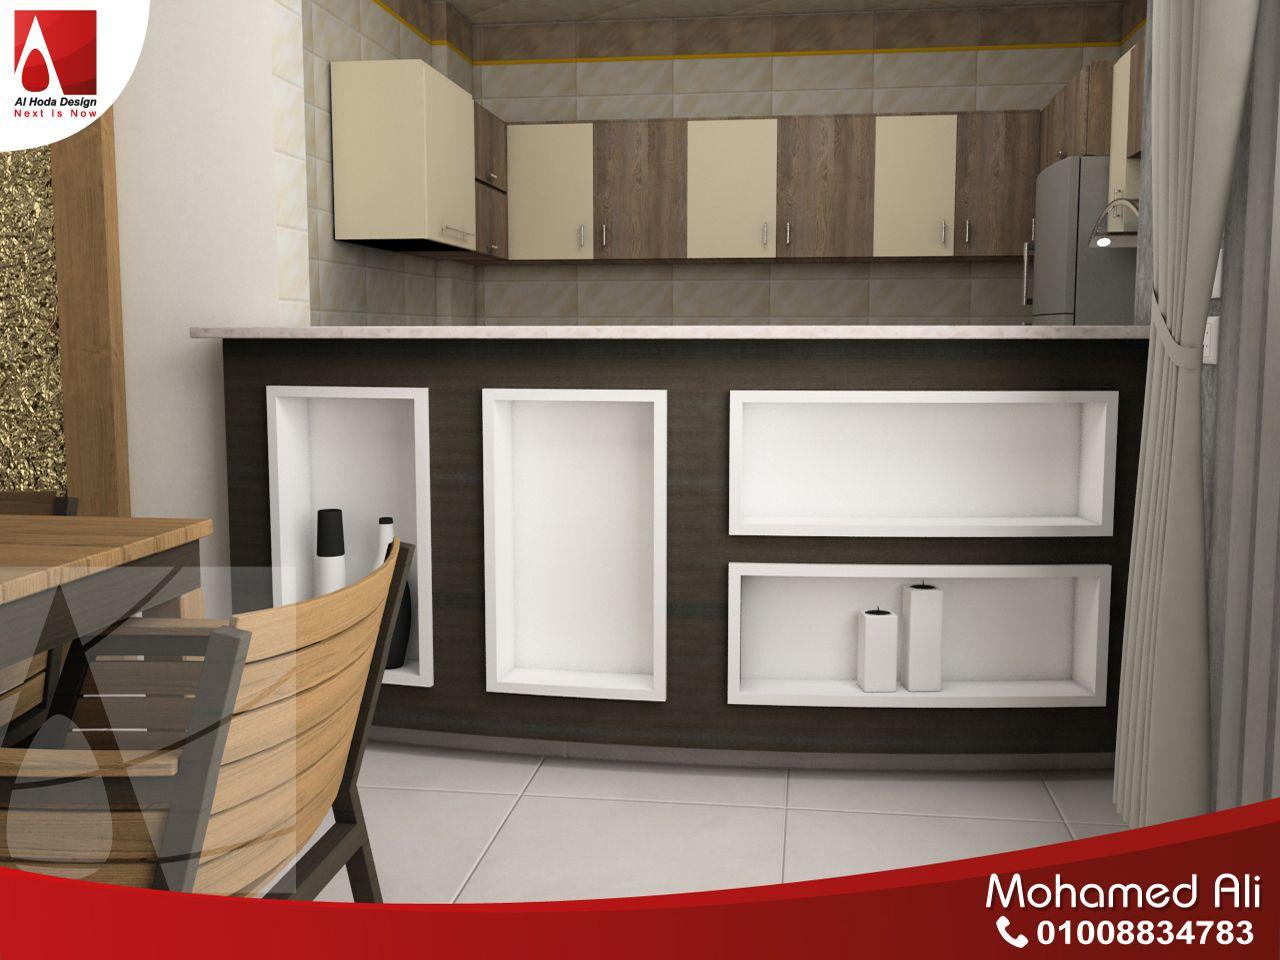 المطبخ المفتوح على الصالة الكاونترمن الخارج Home Decor Home Furniture